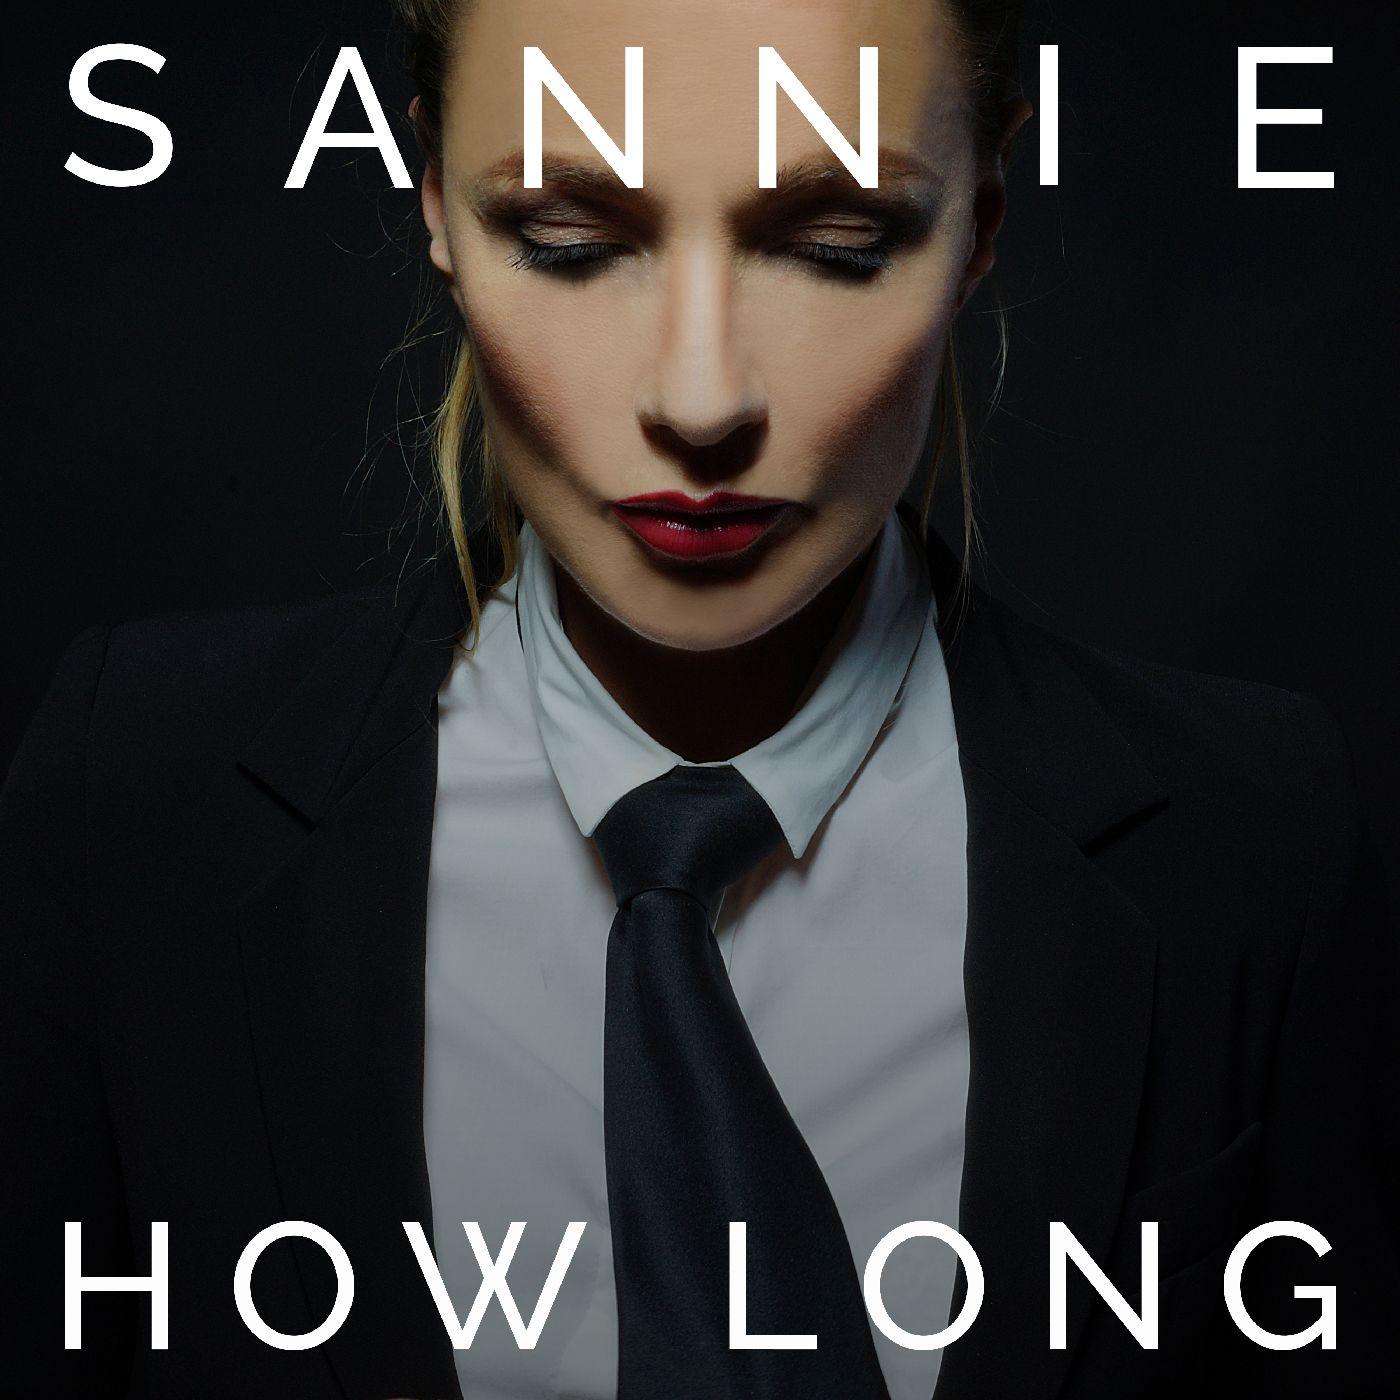 sannie_how_long_1400px_copy.jpg